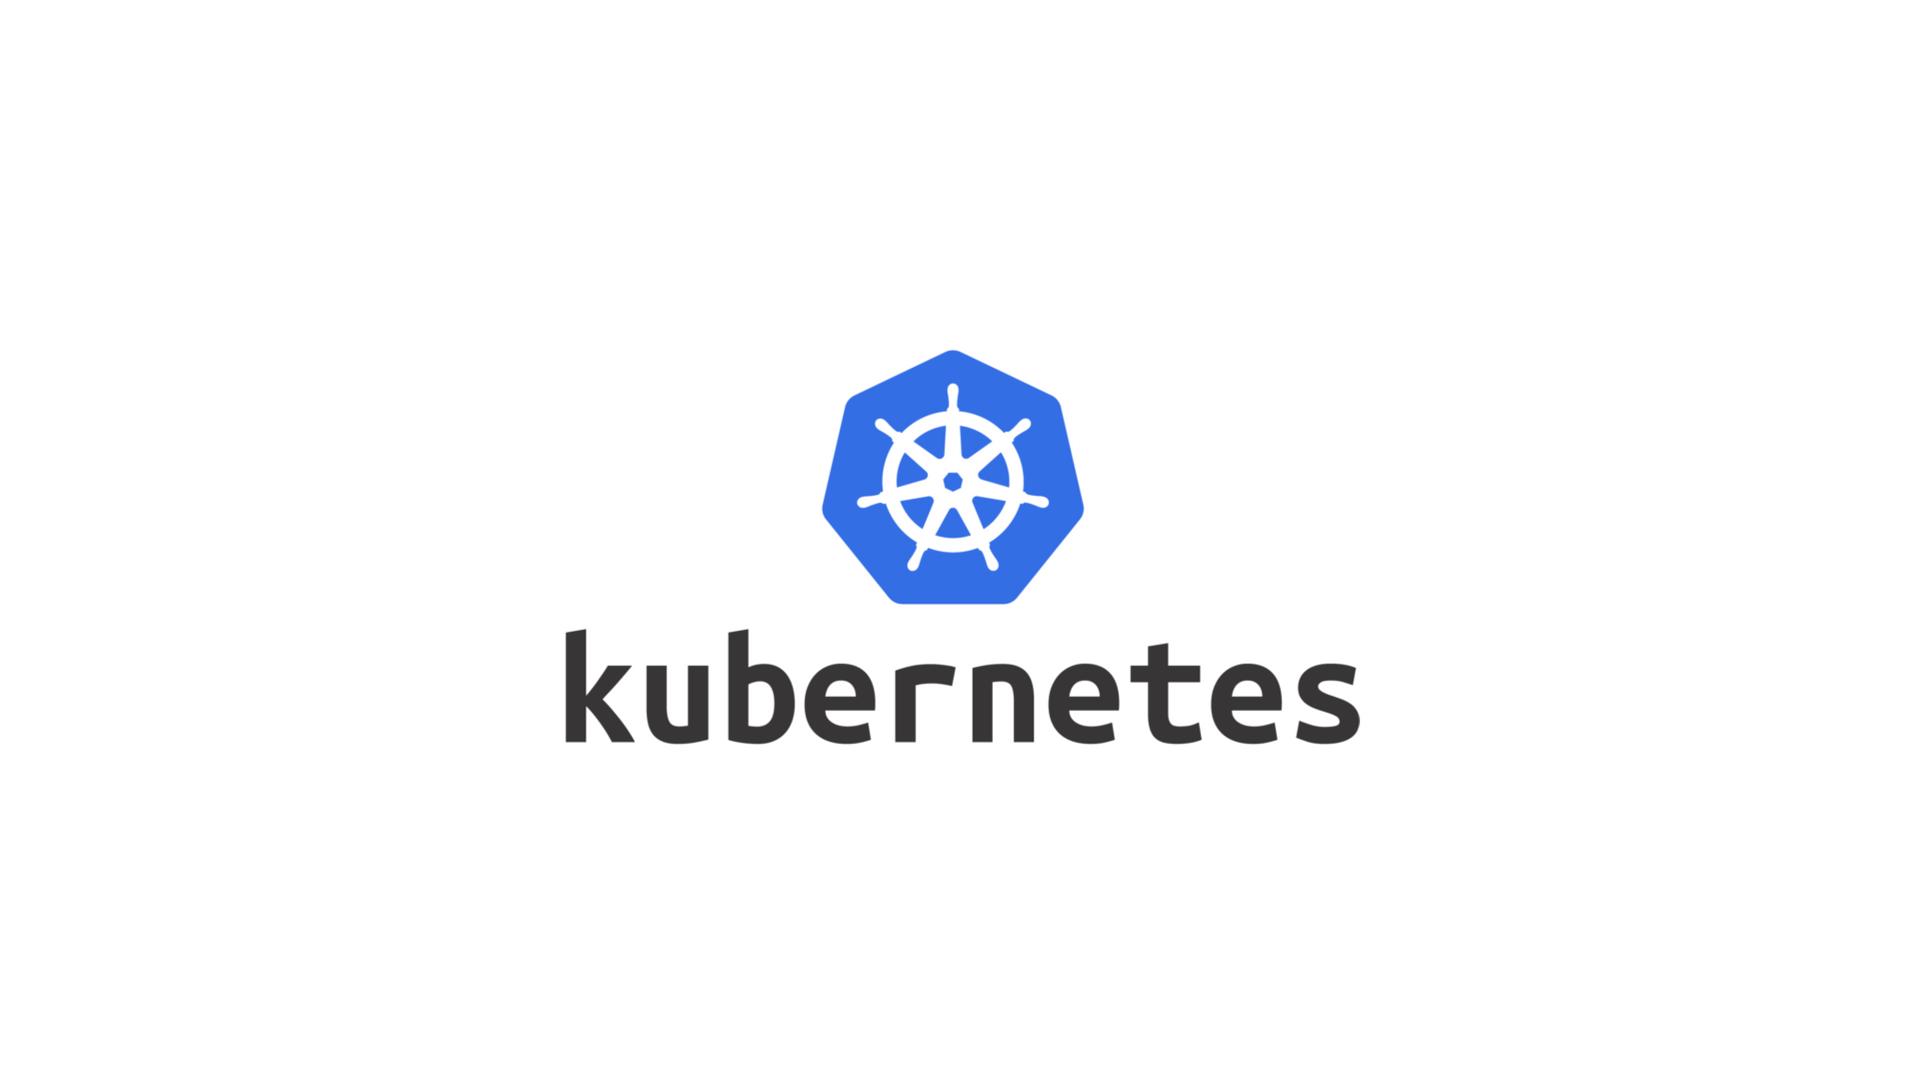 Как использовать Ceph в кластере Kubernetes — настраиваем deployment с несколькими репликами